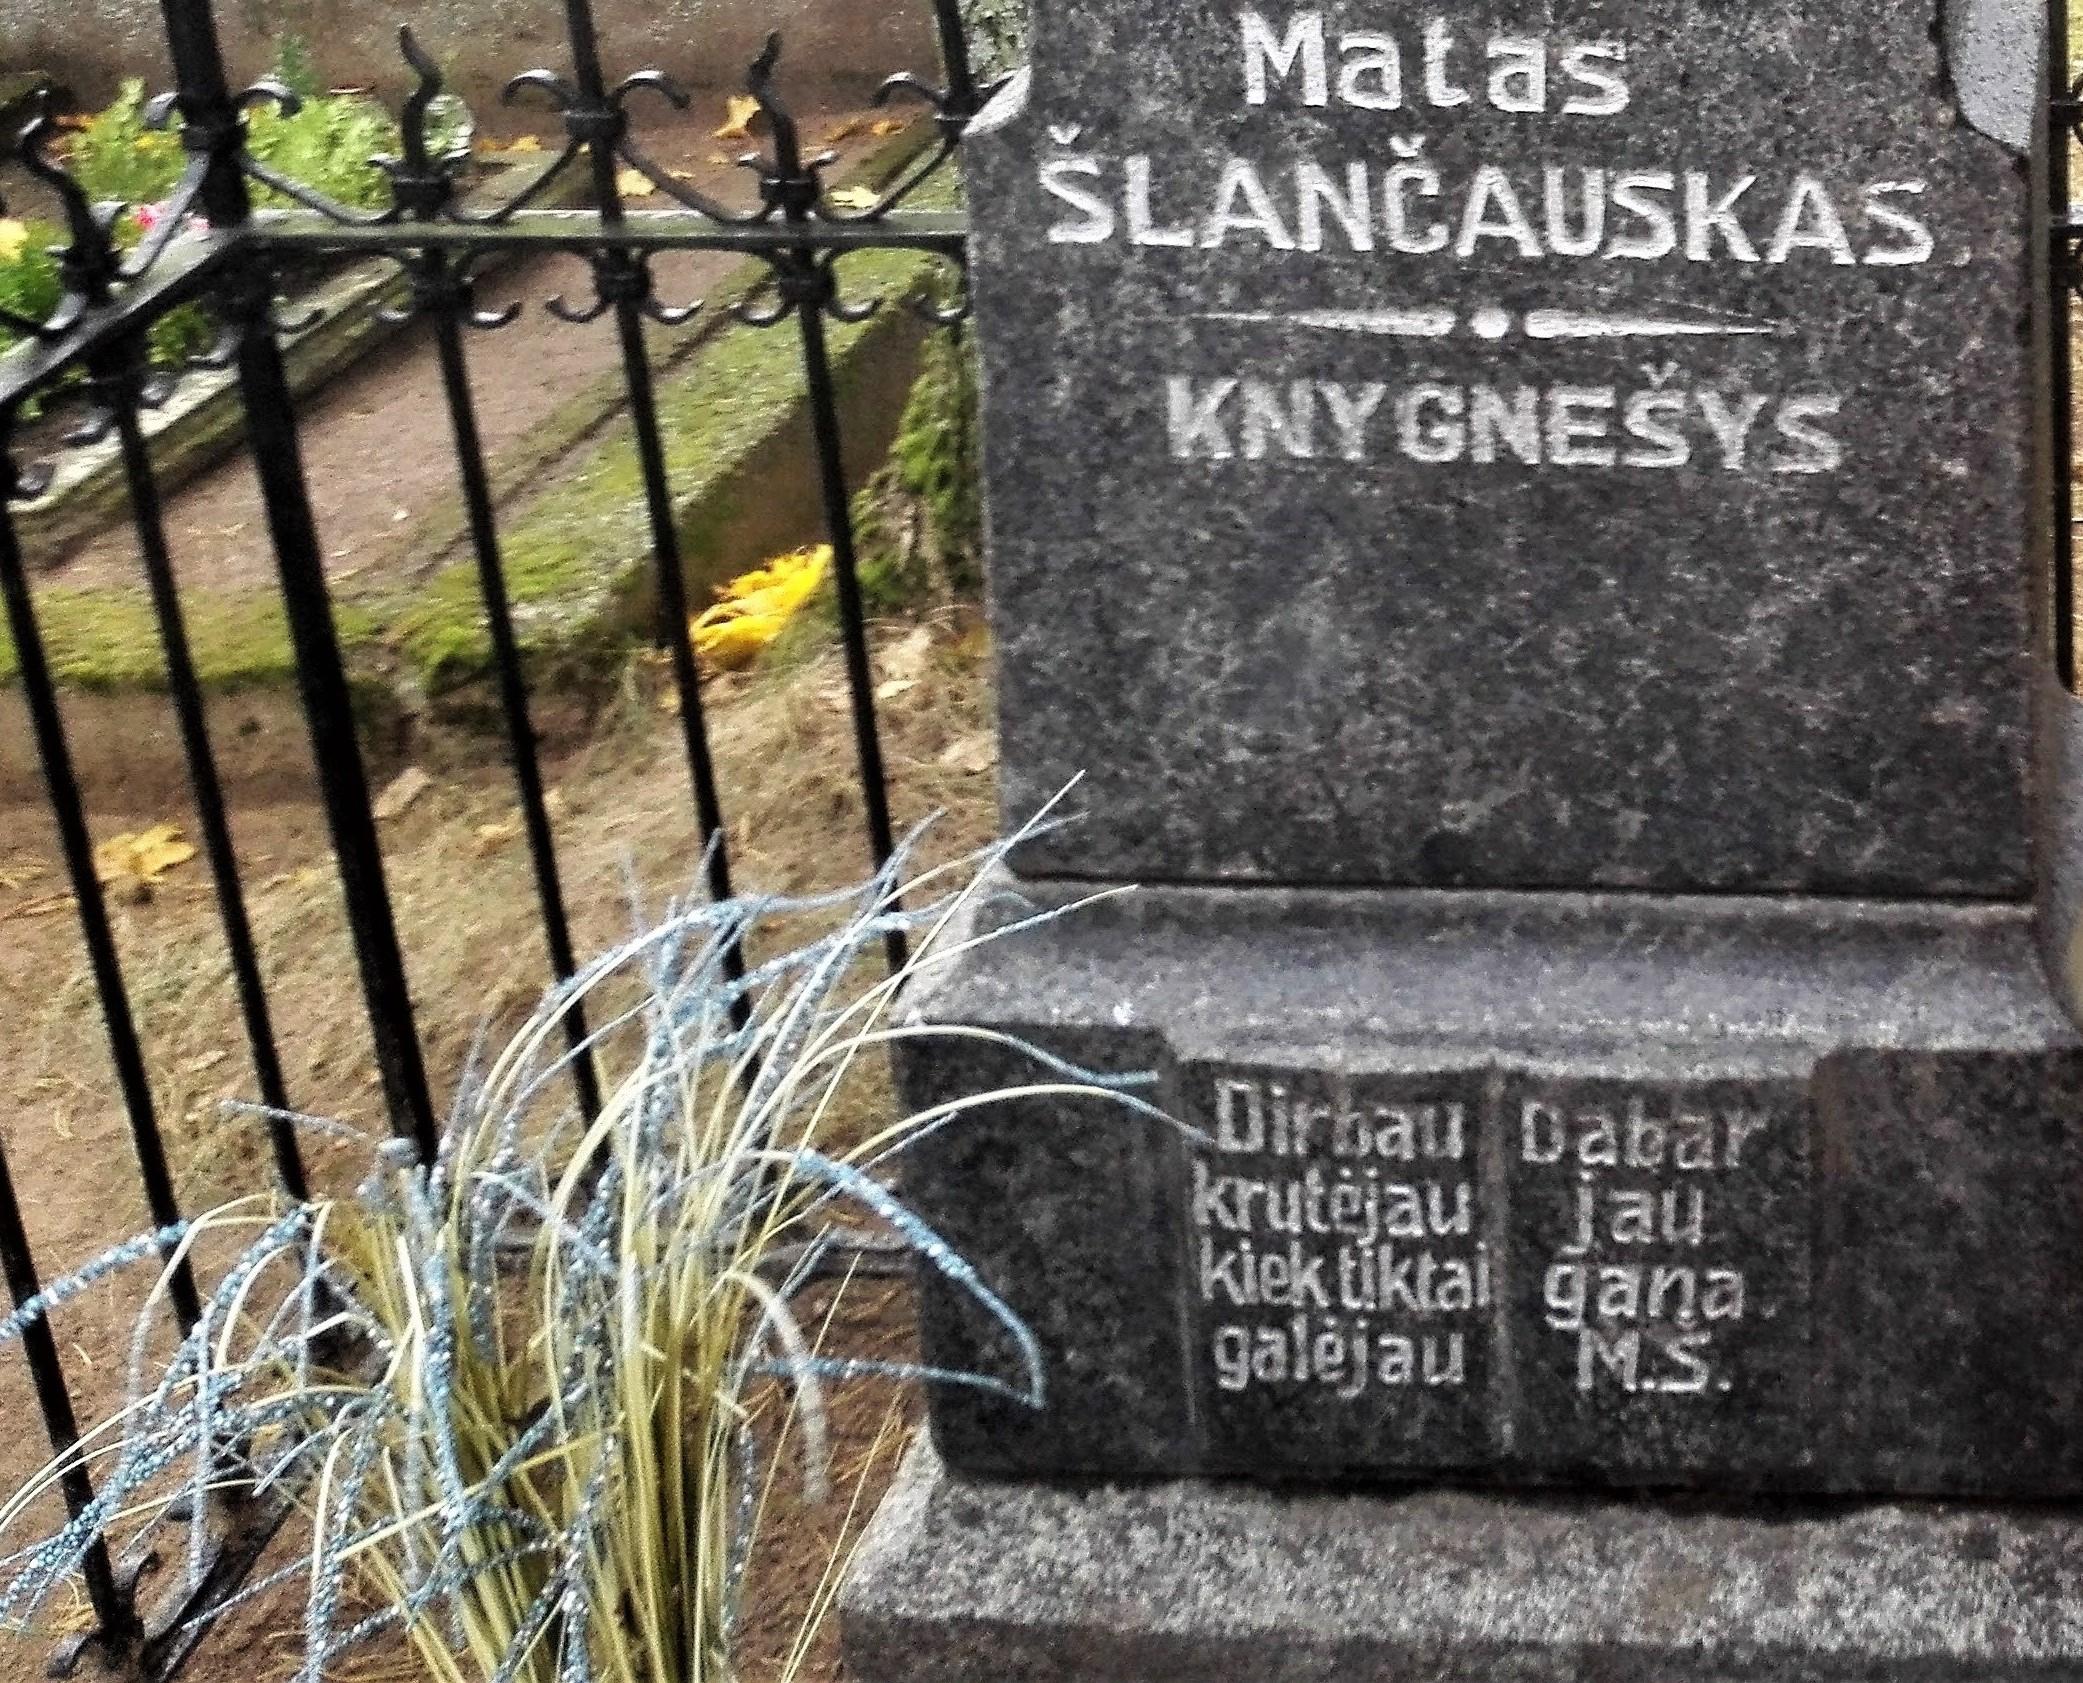 Mato Slanciausko žodžiai ant jo kapo paminklo Rudiškiuose Joiniškio raj | J. V.aiškūno nuotr., alkas.lt